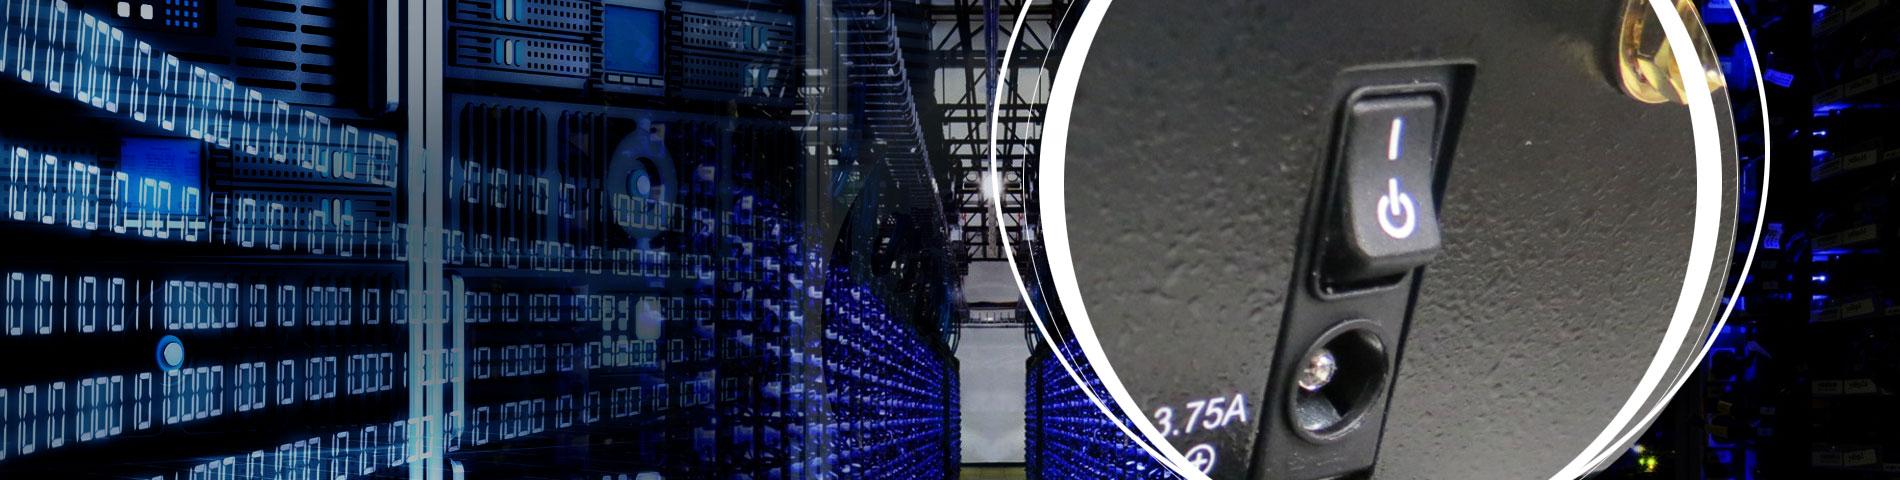 Компьютерная периферия - Применимо к оборудованию Netcom